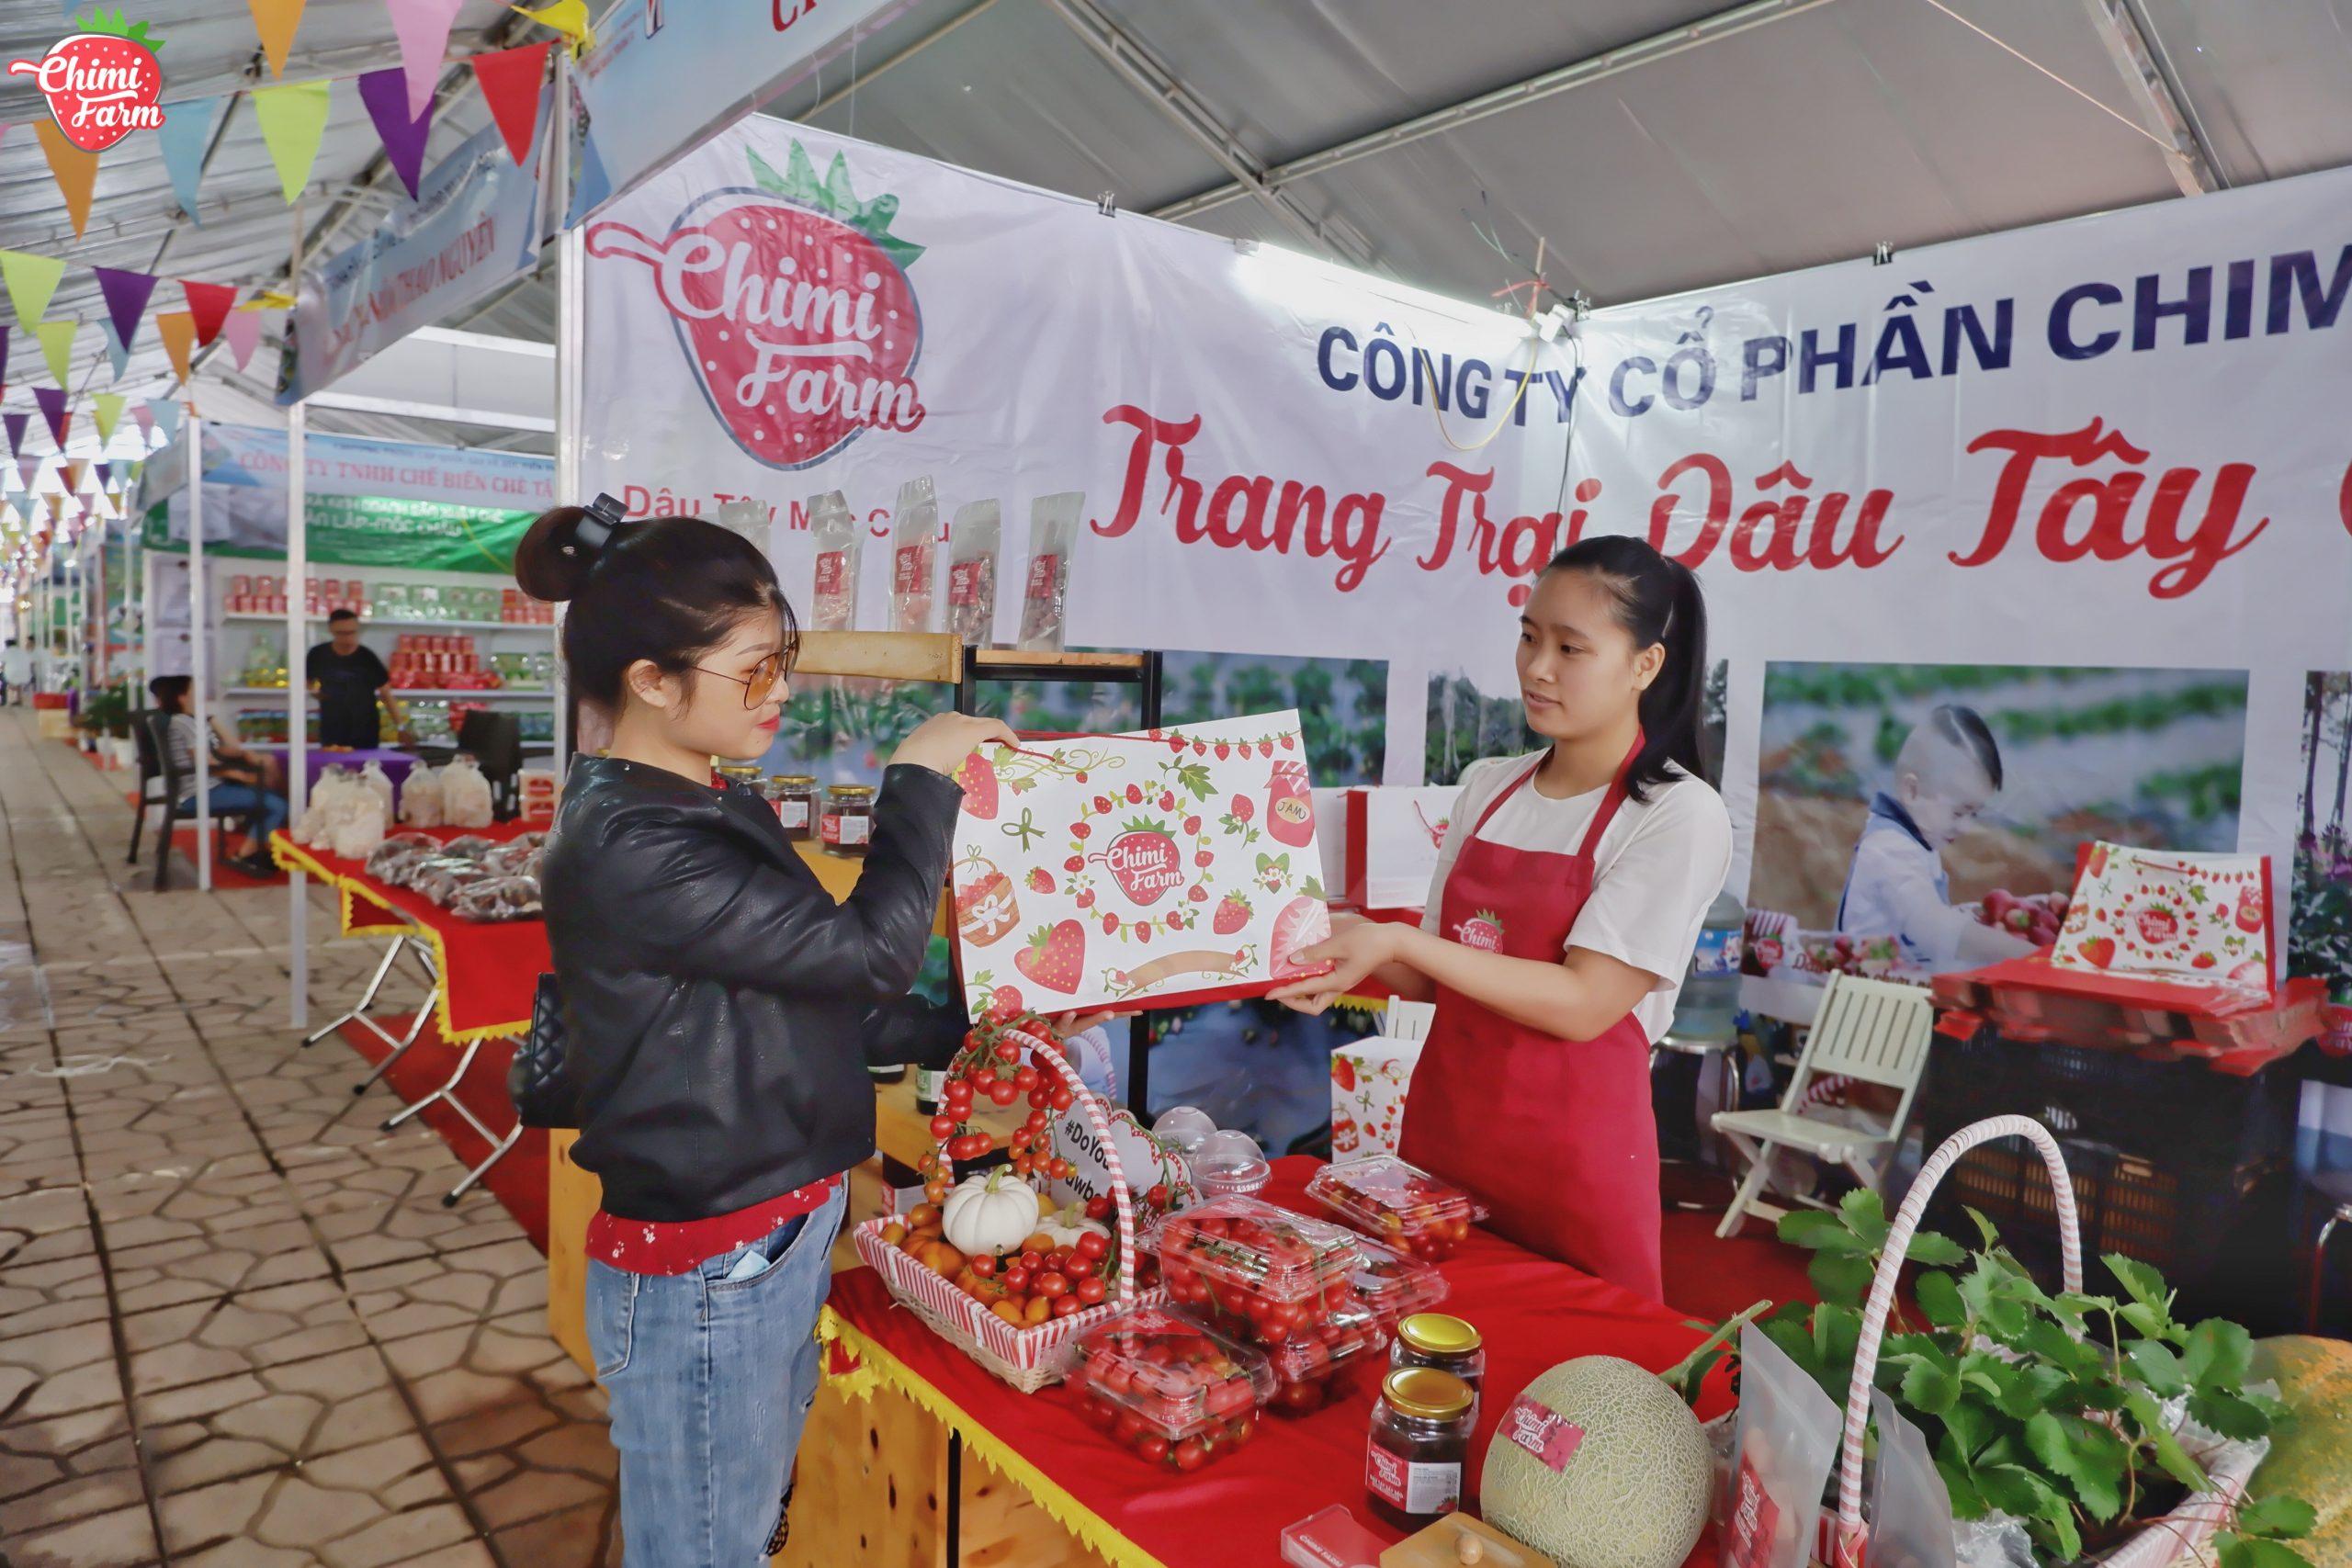 Du khách đang tham quan và mua hàng tại hội chợ nông sản